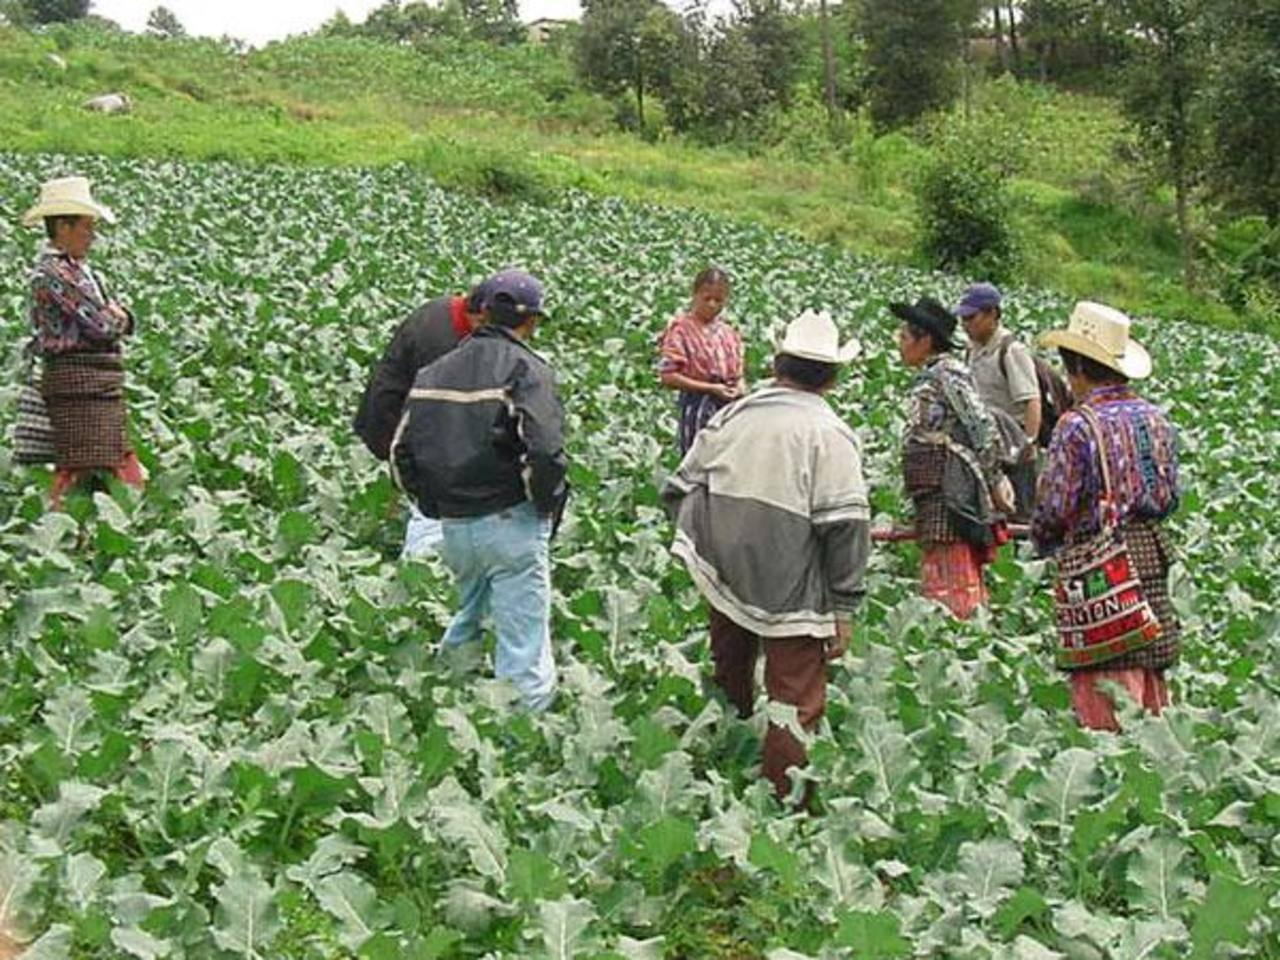 La lluvia podría anegar muchos cultivos. Foto EDH/archivo